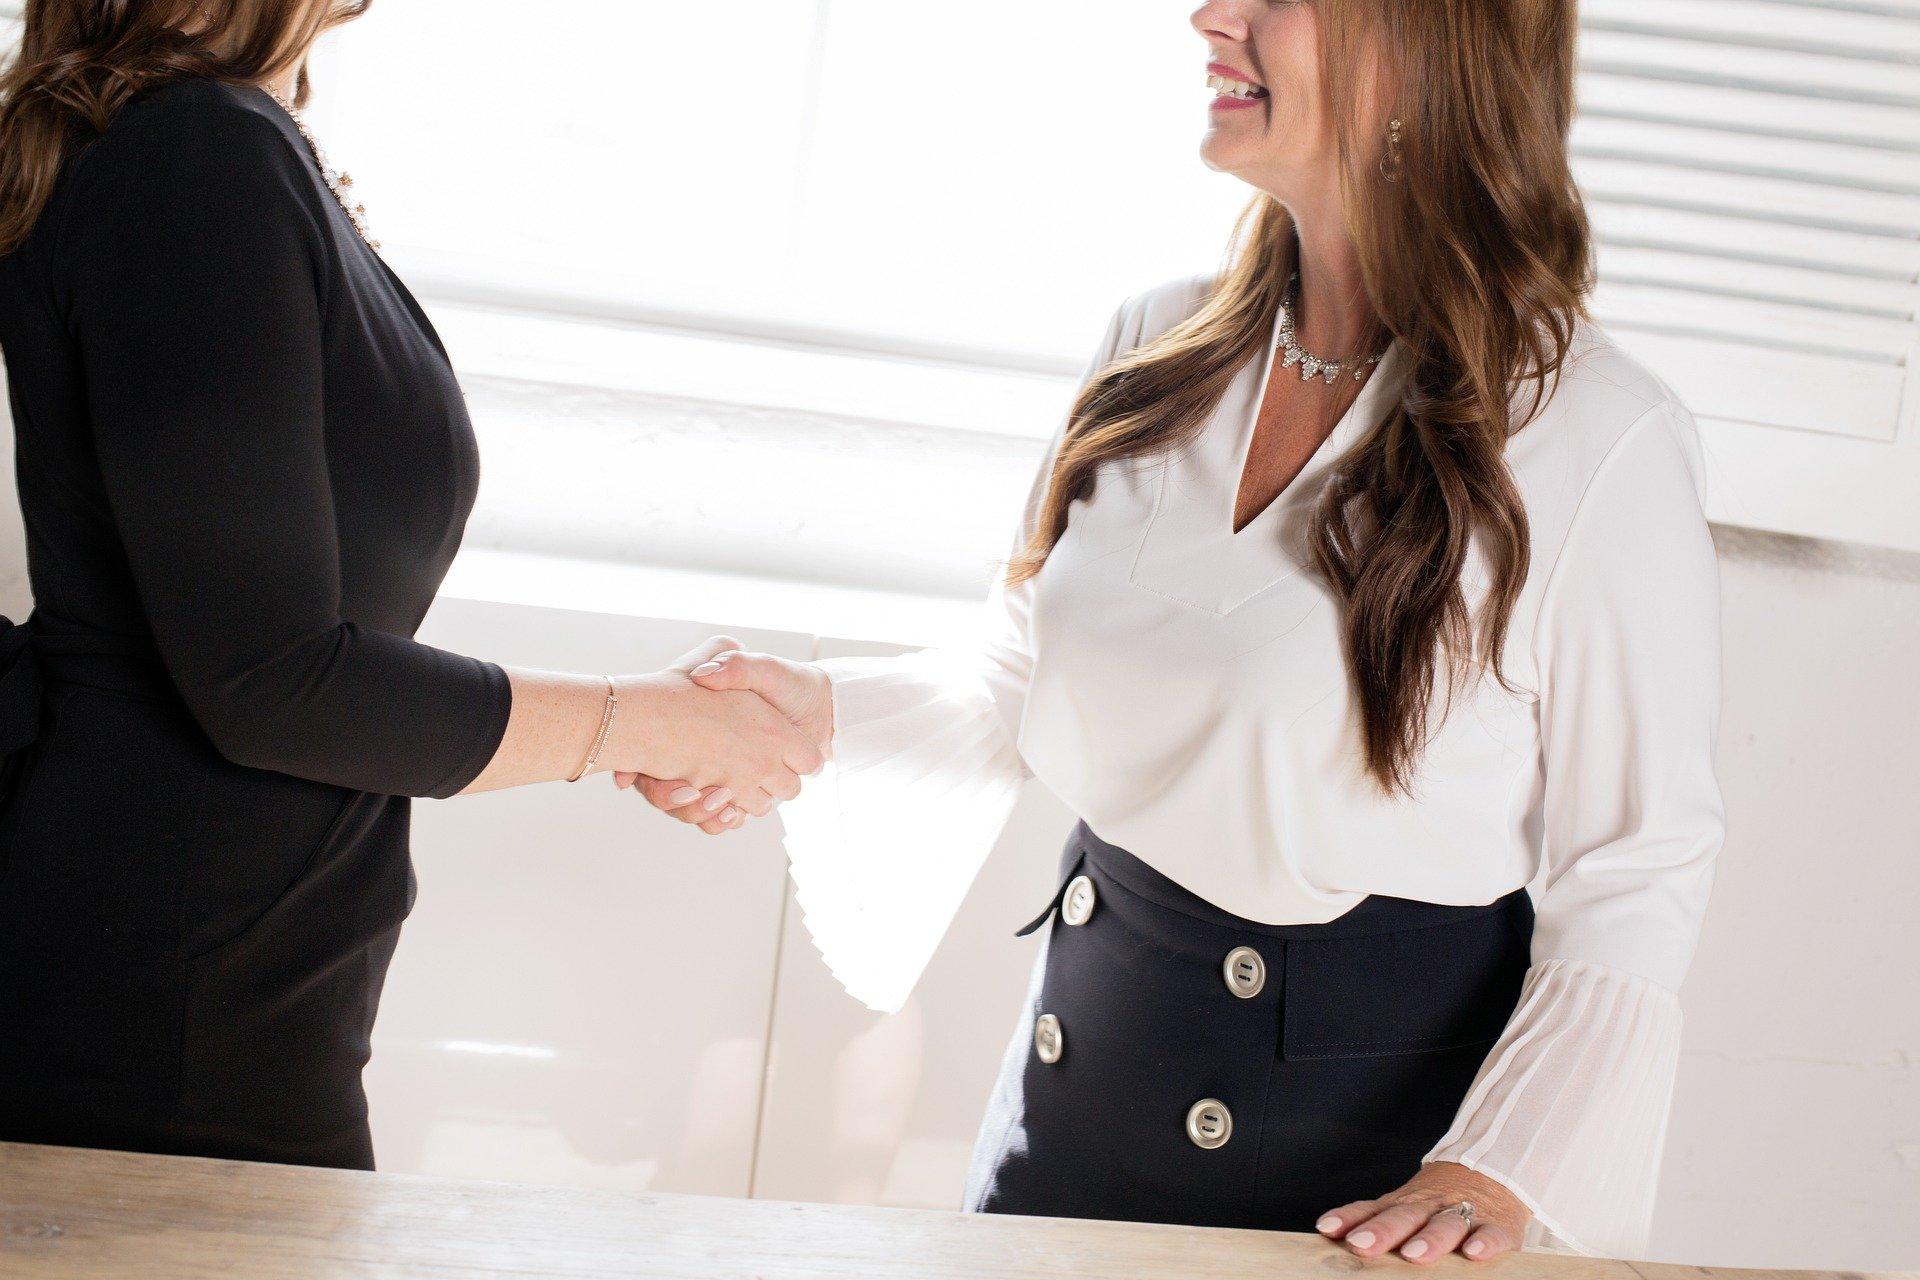 Ktorý outfit má na pracovných pohovoroch najväčší úspech?